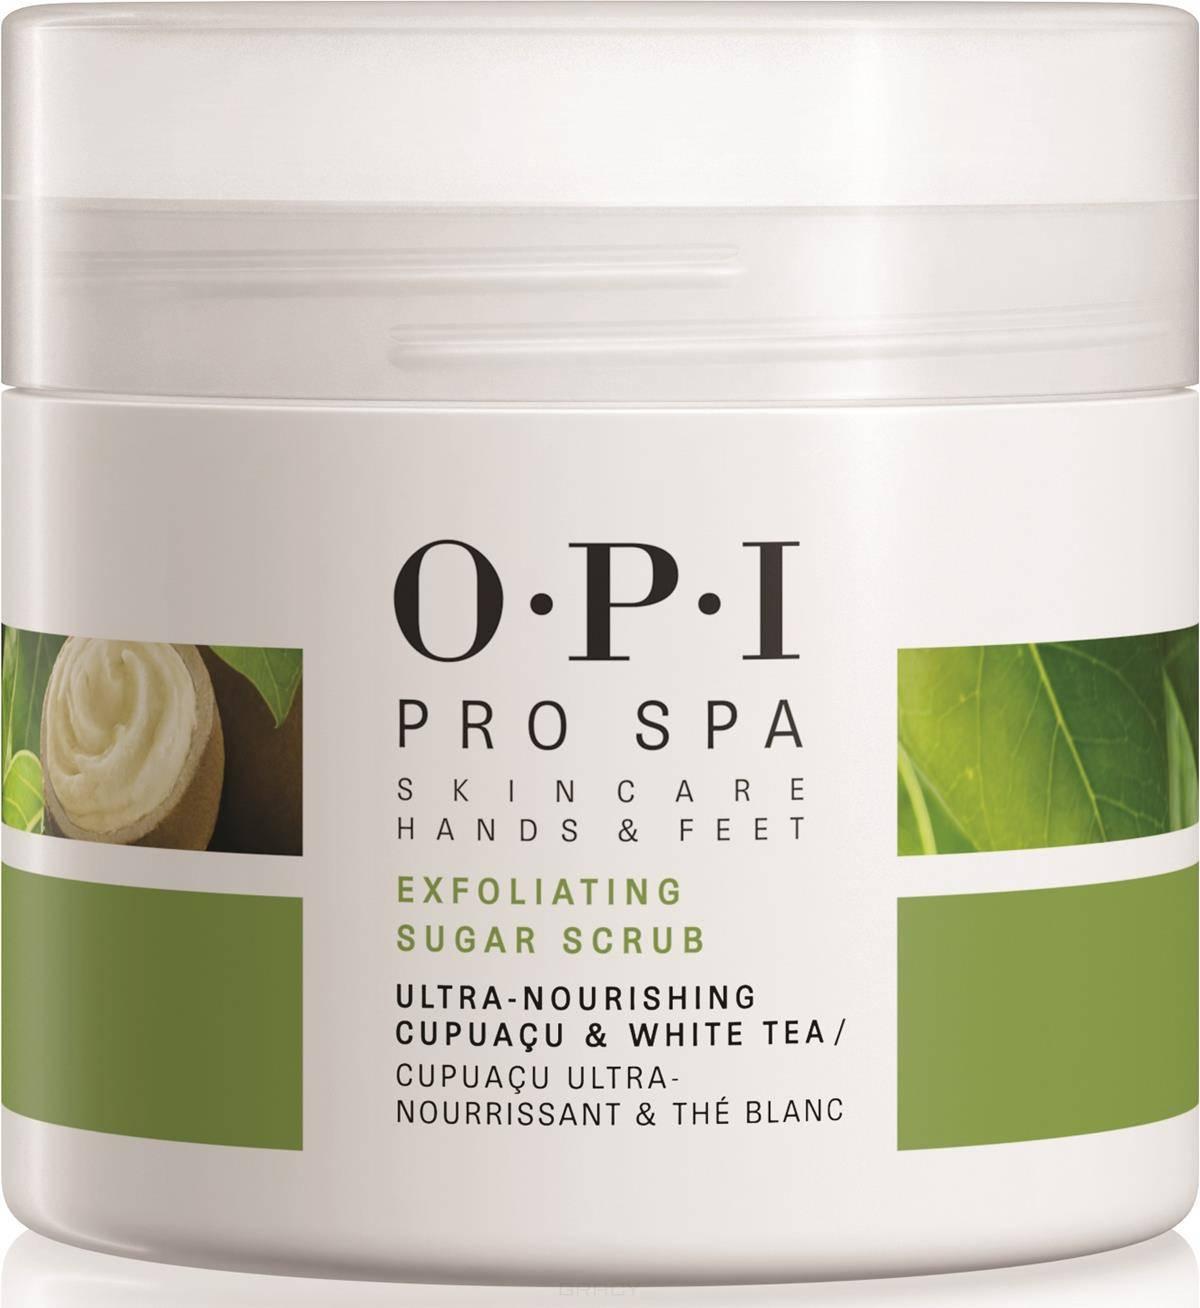 OPI, Отшелушивающий скраб для рук, ног и ногтей с сахарными кристаллами ProSpa Sugar Scrub, 249 гр